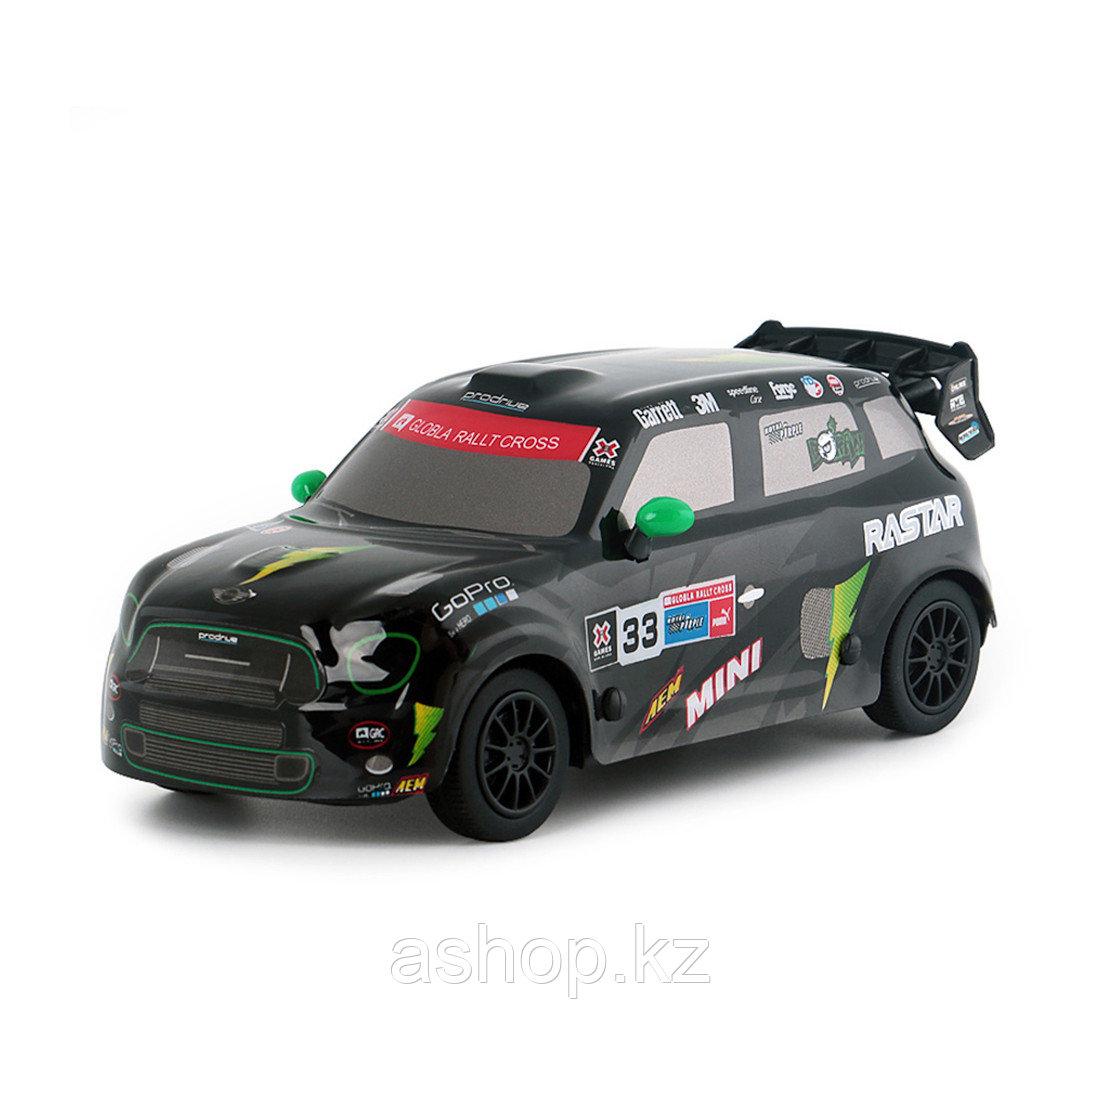 Радиоуправляемая модель автомобиль Rastar Mini Countryman JCW RX, 1:24, Управление: Джойстик, Материал: Пласти